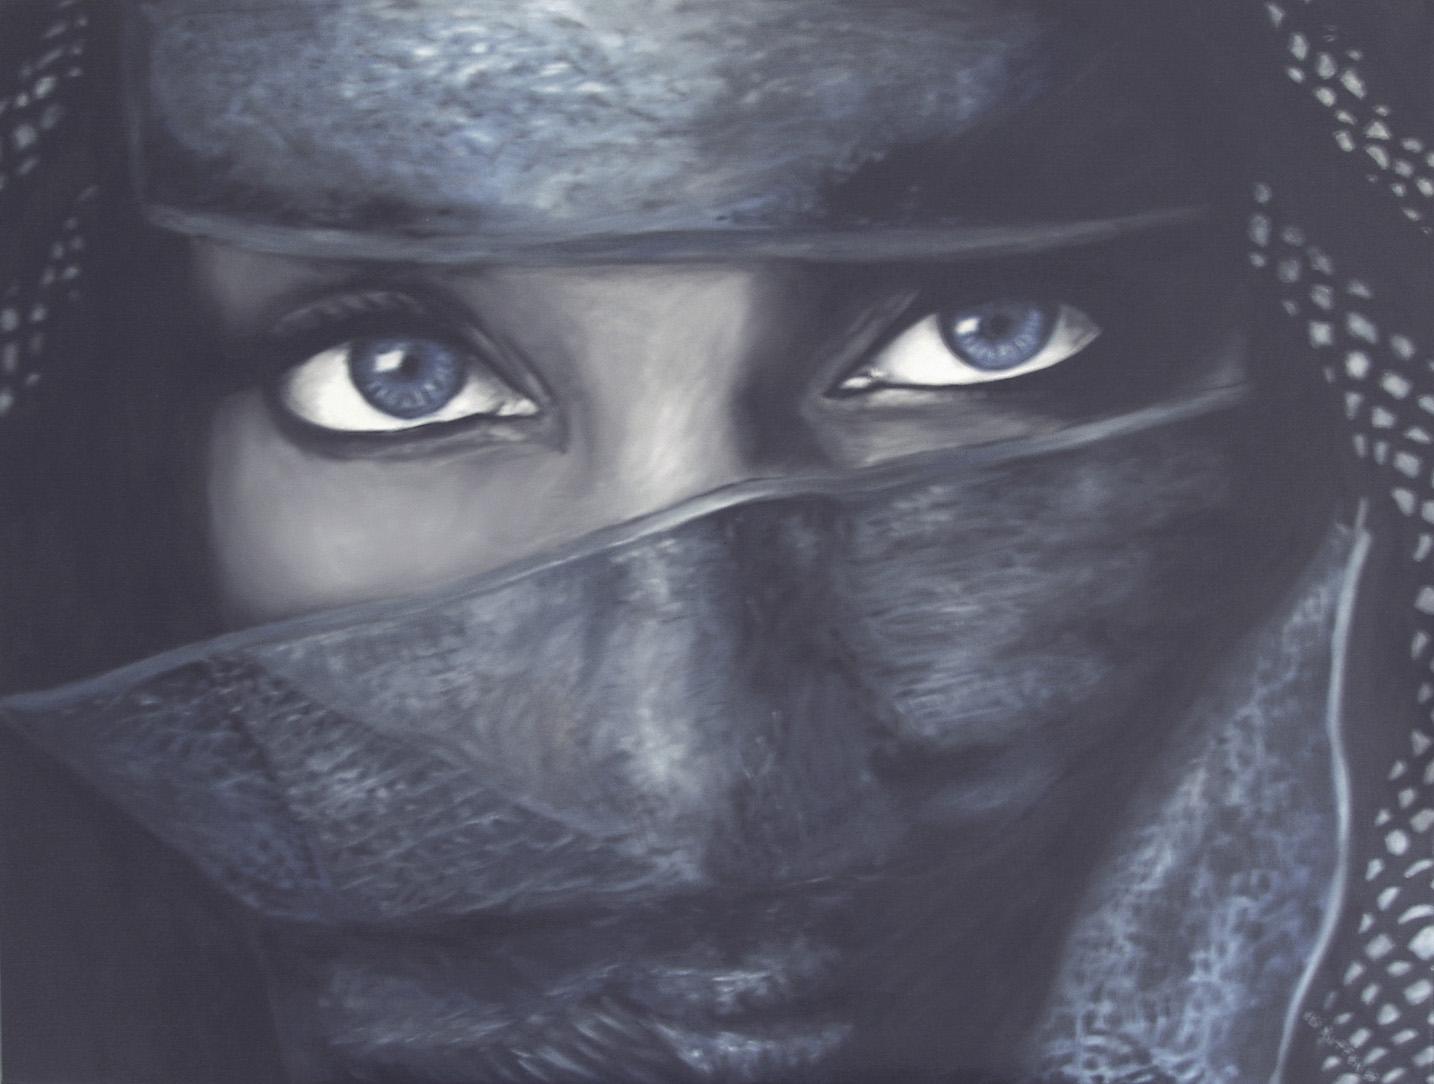 veiled-woman2